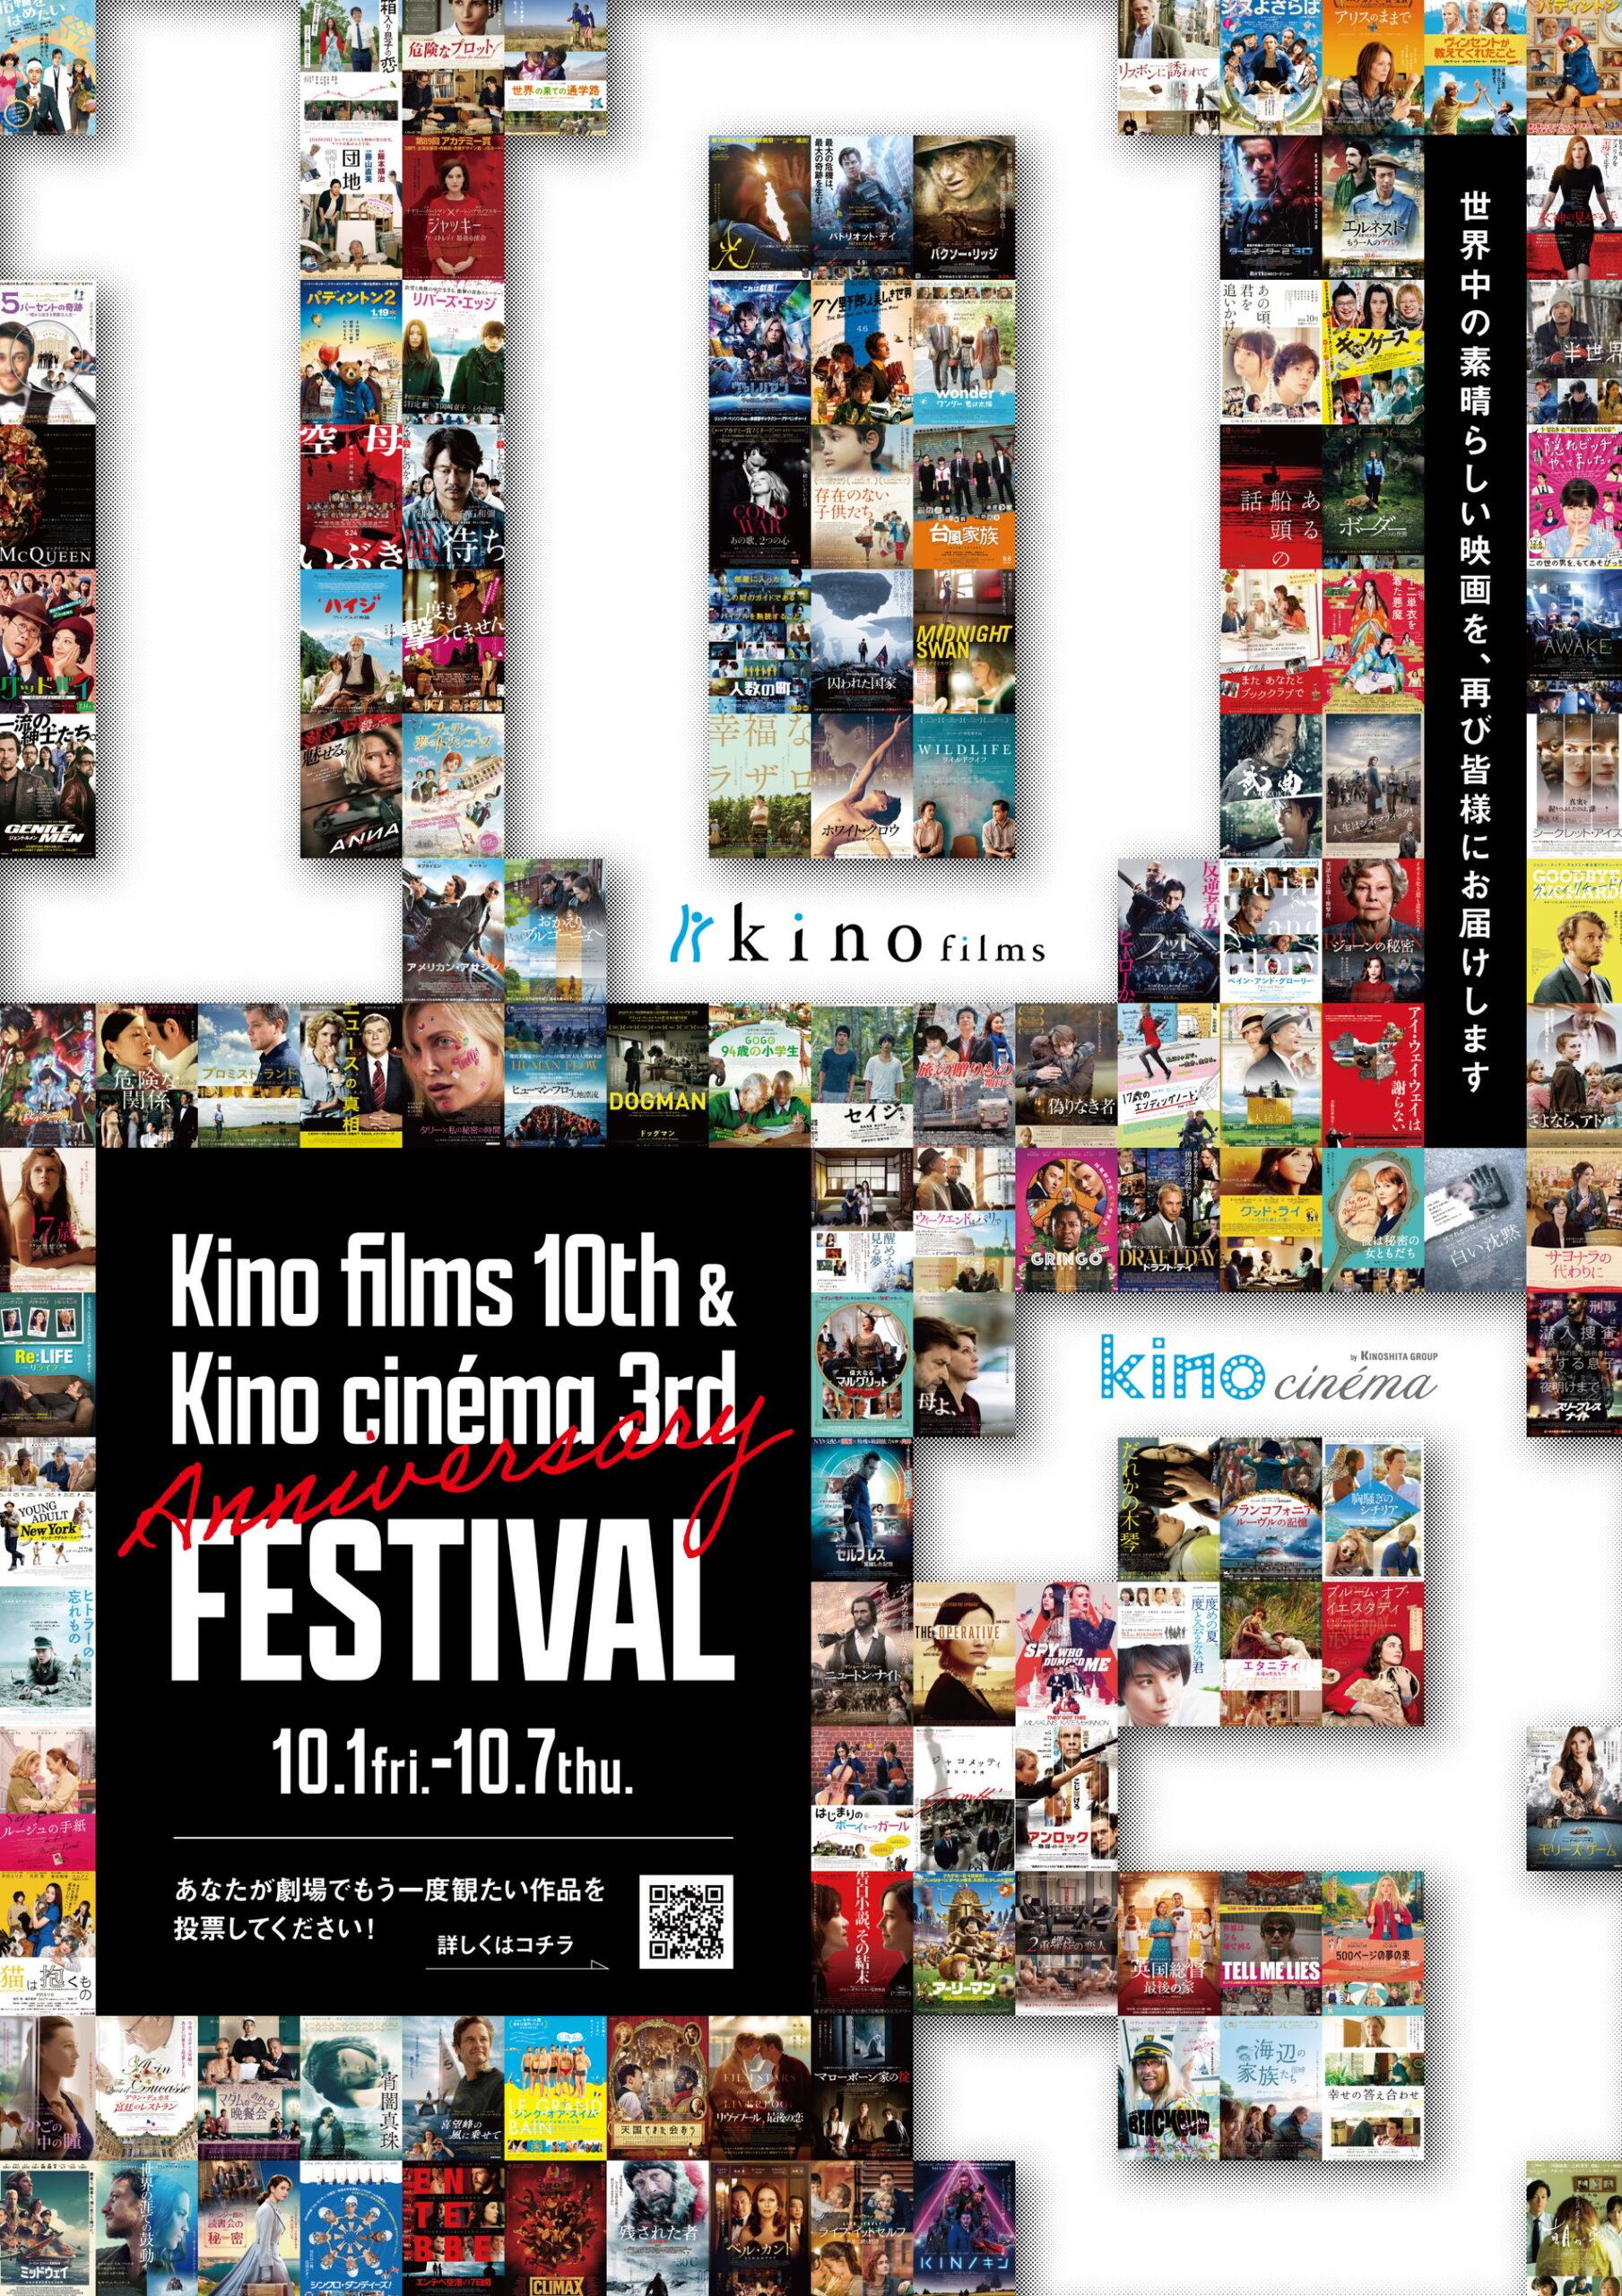 マッツ・ミケルセン主演『偽りなき者』など4作品をリバイバル上映!「KF10周年&KC3周年記念フェスティバル」上映作品決定